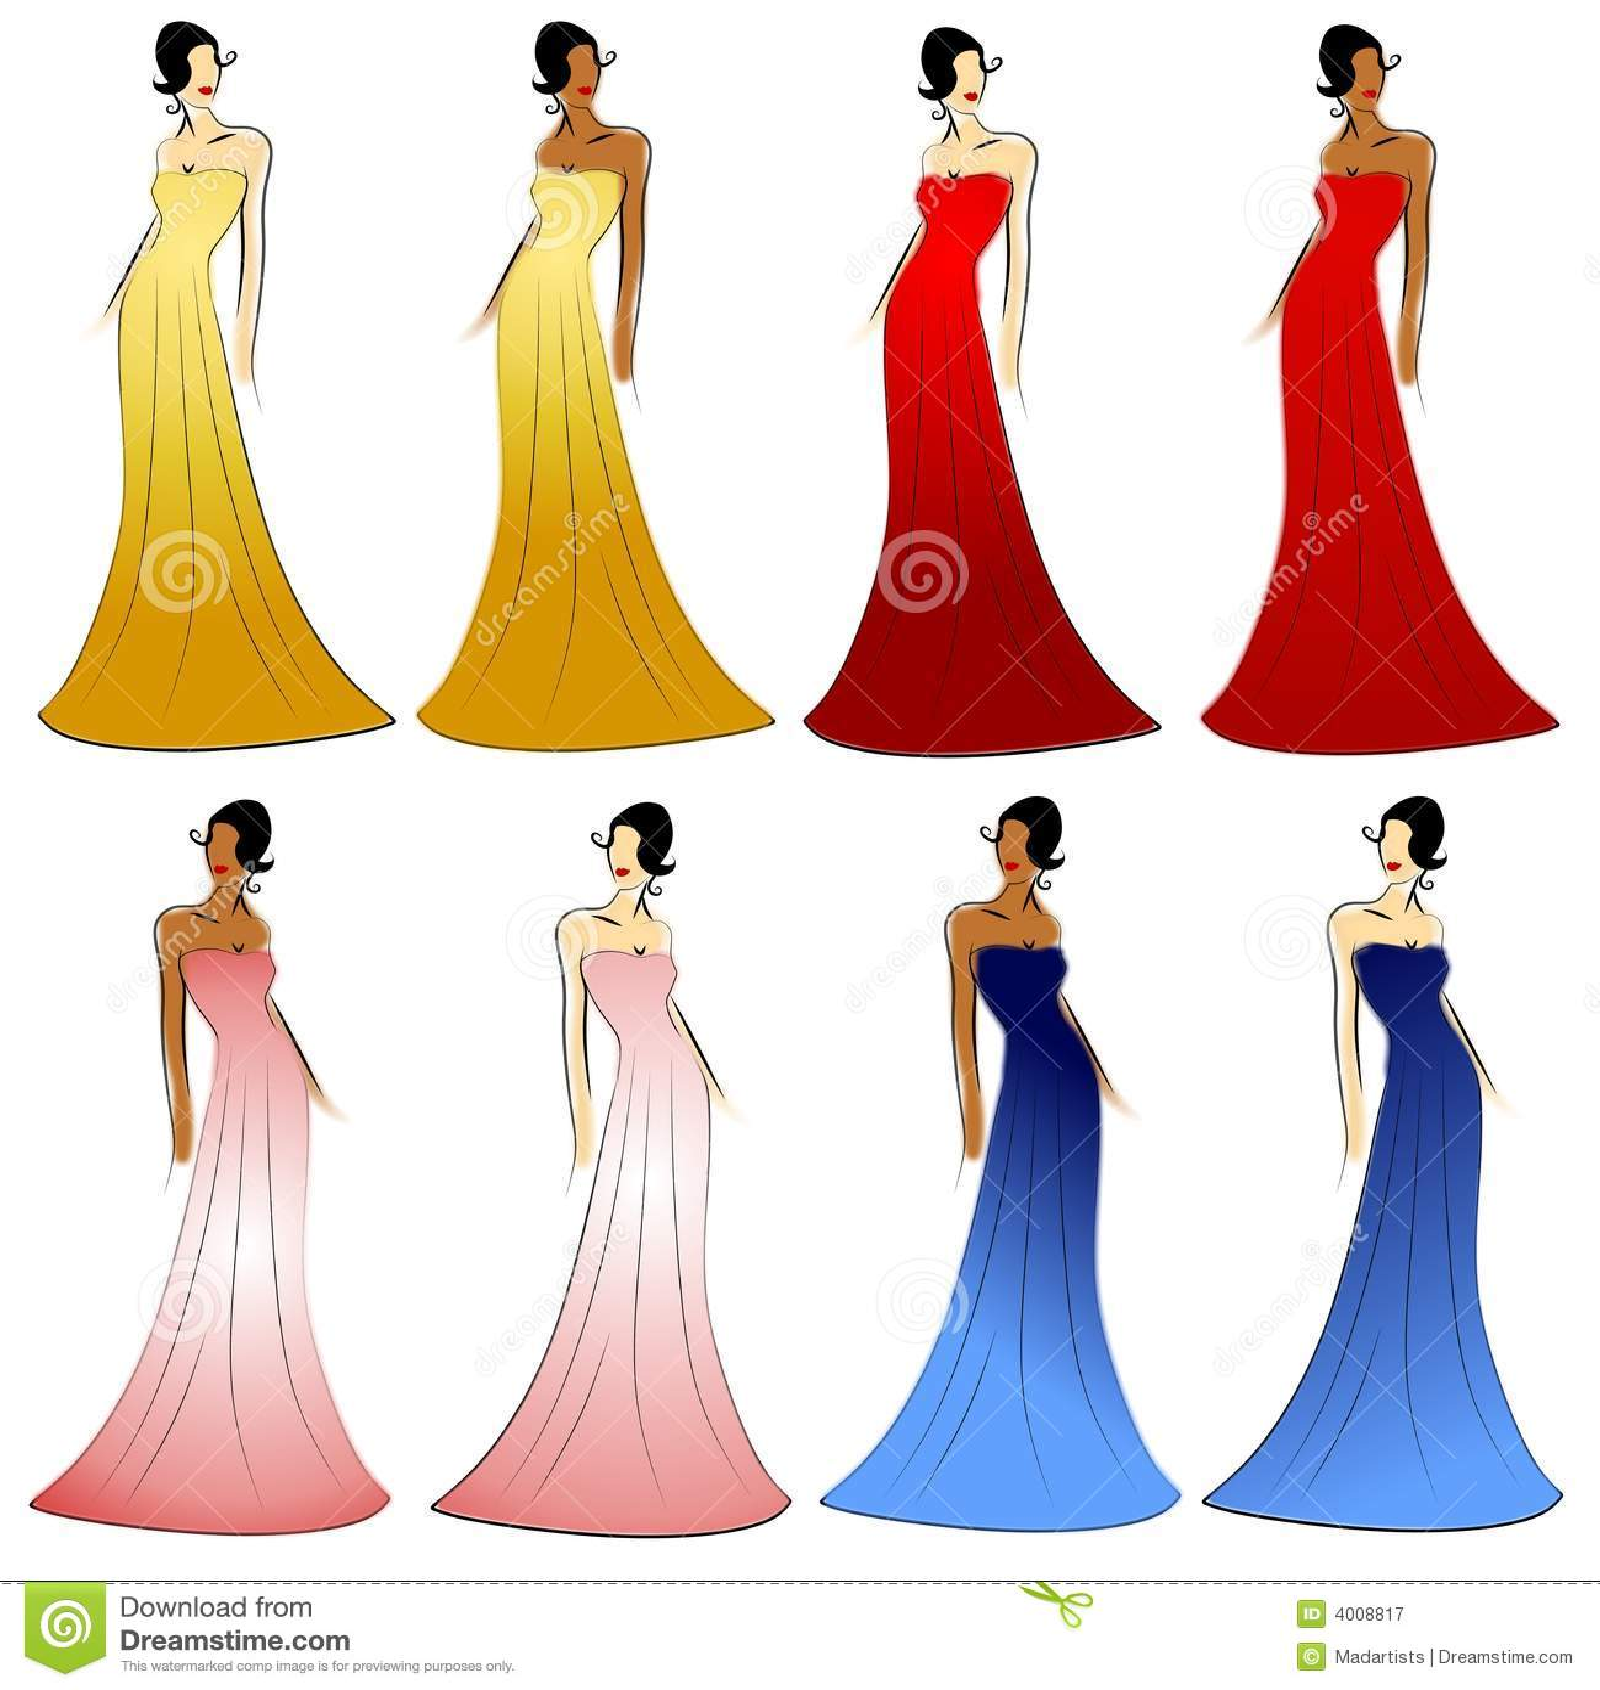 cubosferico fashion models - YouTube